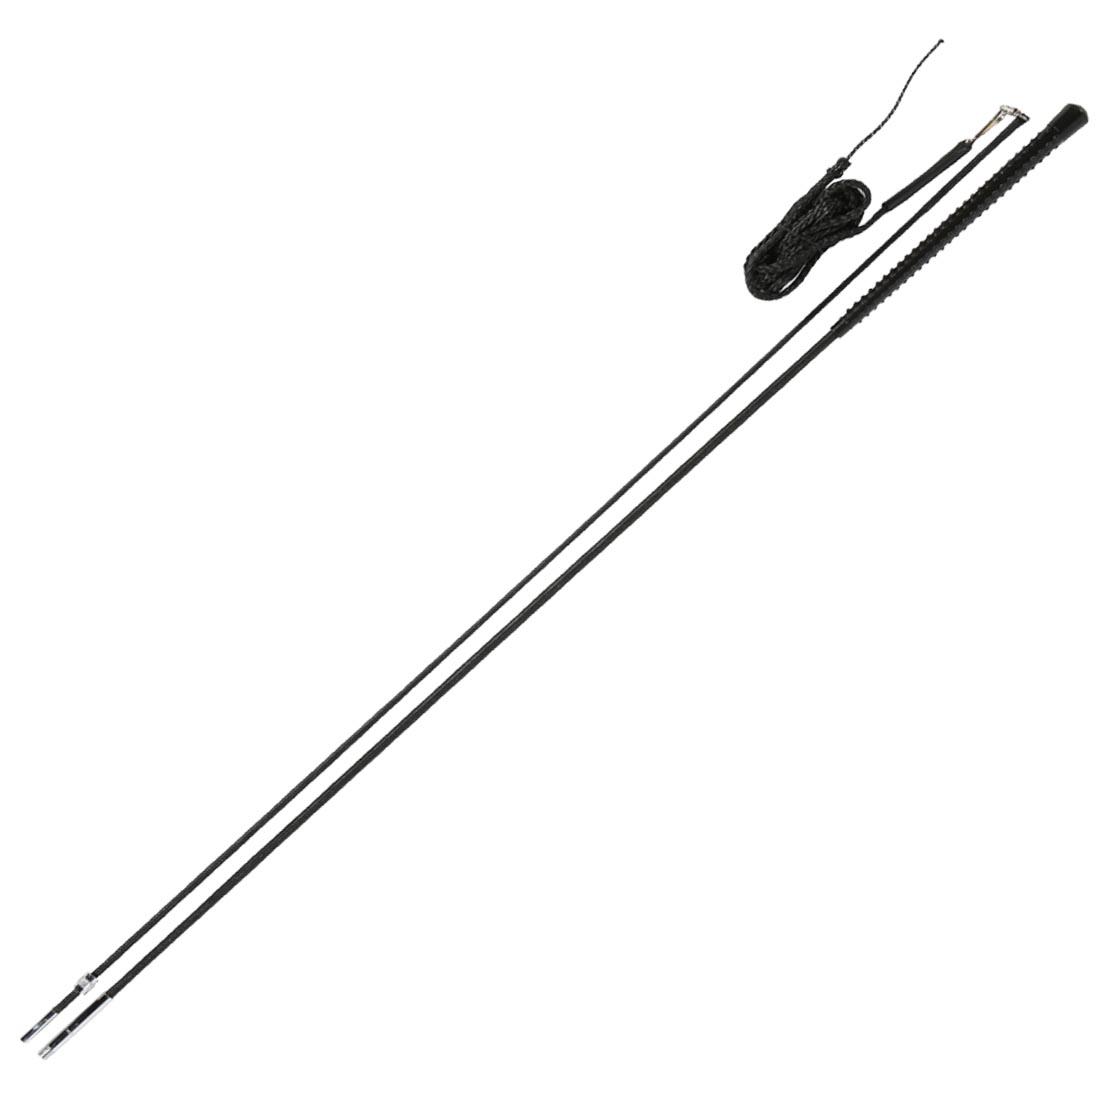 Longeringspisk delbar, 200 cm